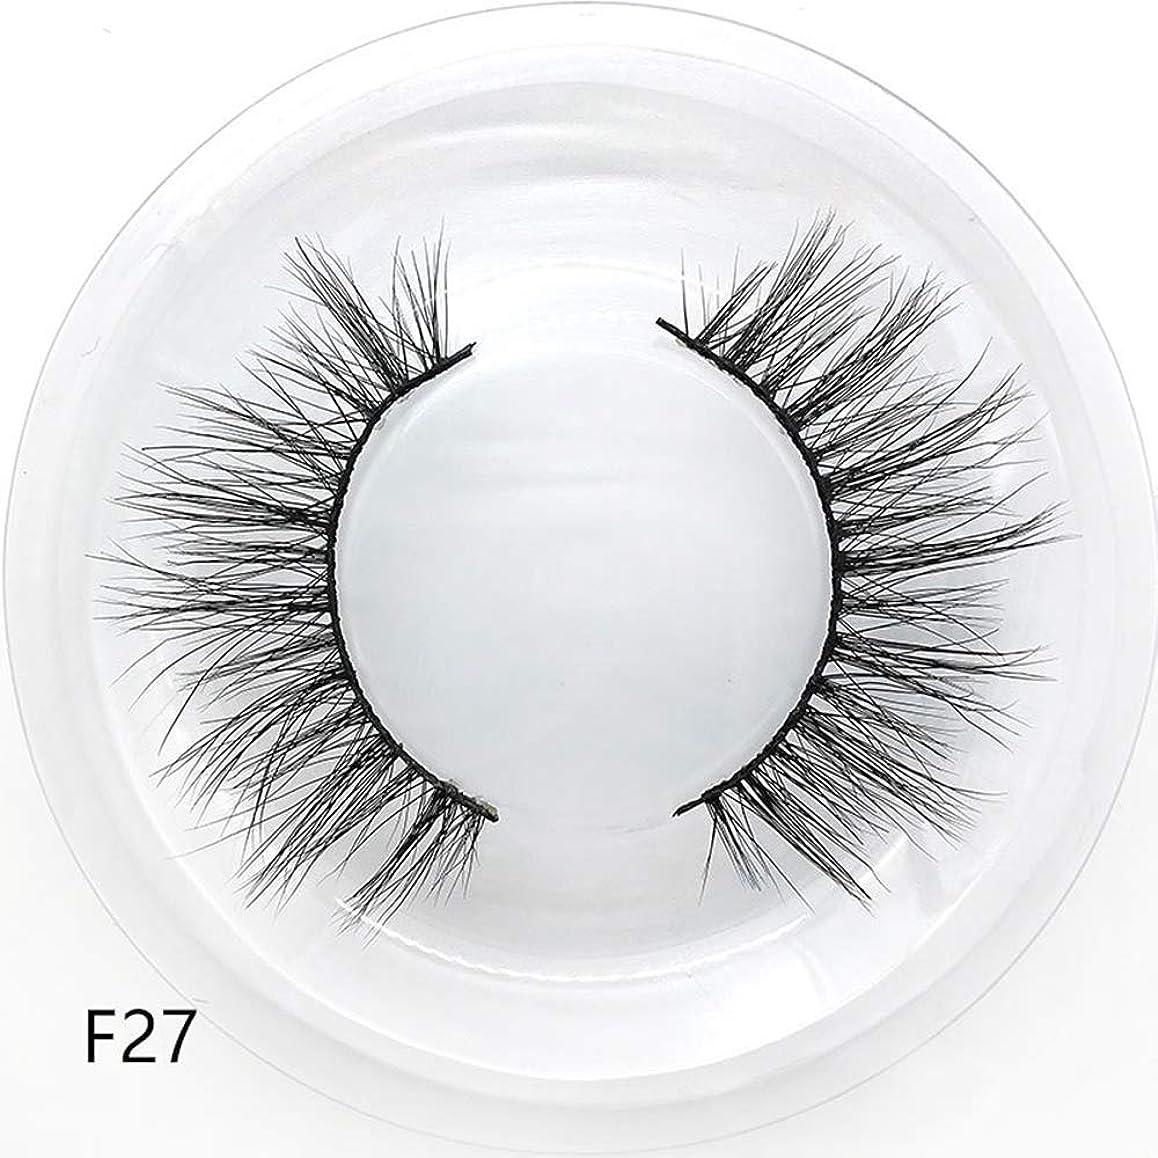 湿度対話積極的に1ペア3dソフトフェイクミンク髪つけまつげクリスクロスウィスピーふわふわまつげエクステアイメイクツール